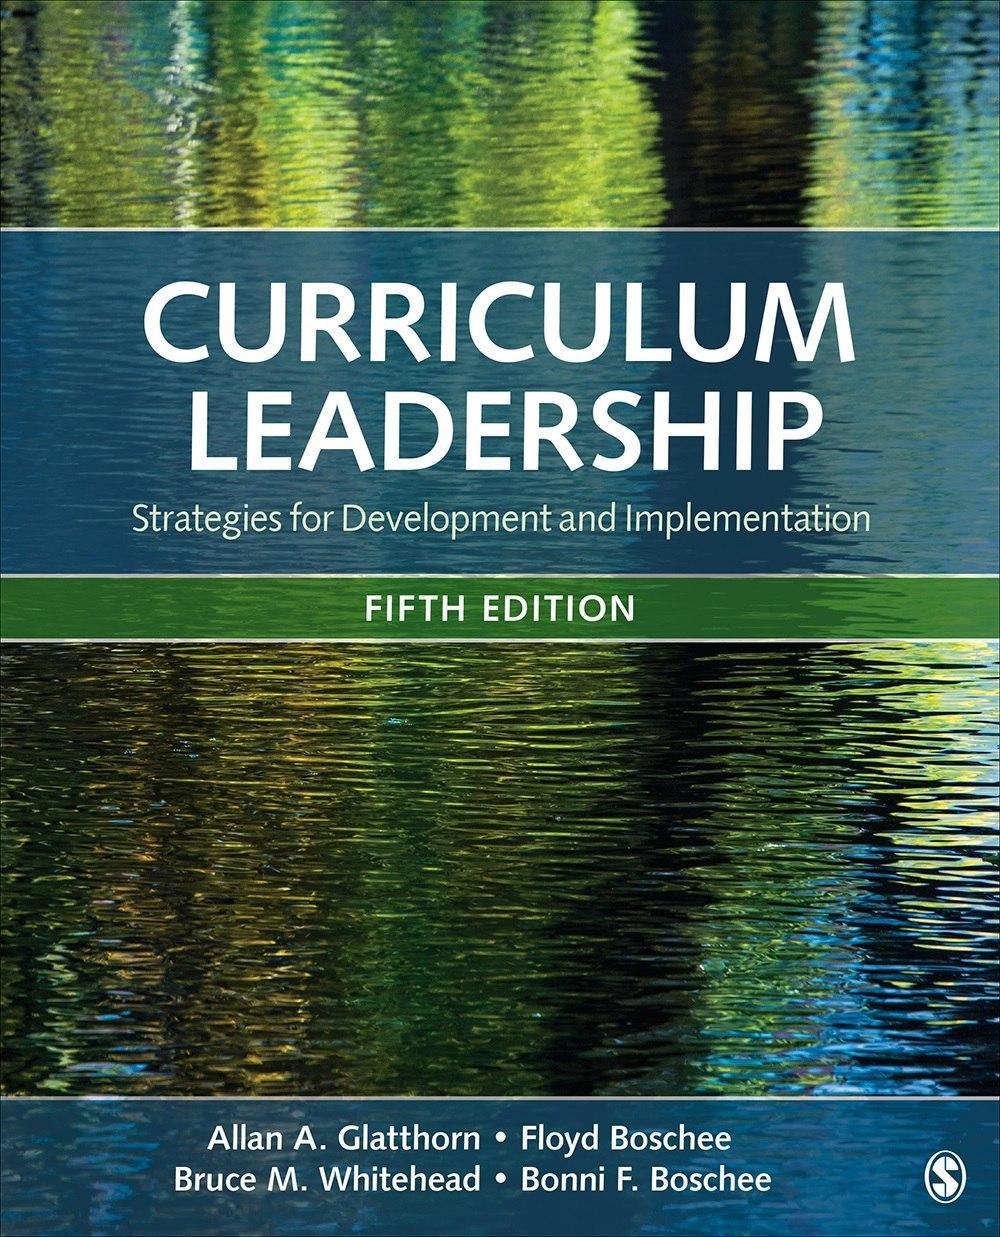 راهبری برنامه درسی: راهبردهایی برای تدوین و اجرای برنامه های درسی (گلاتورن و همکاران، ۲۰۱۹)